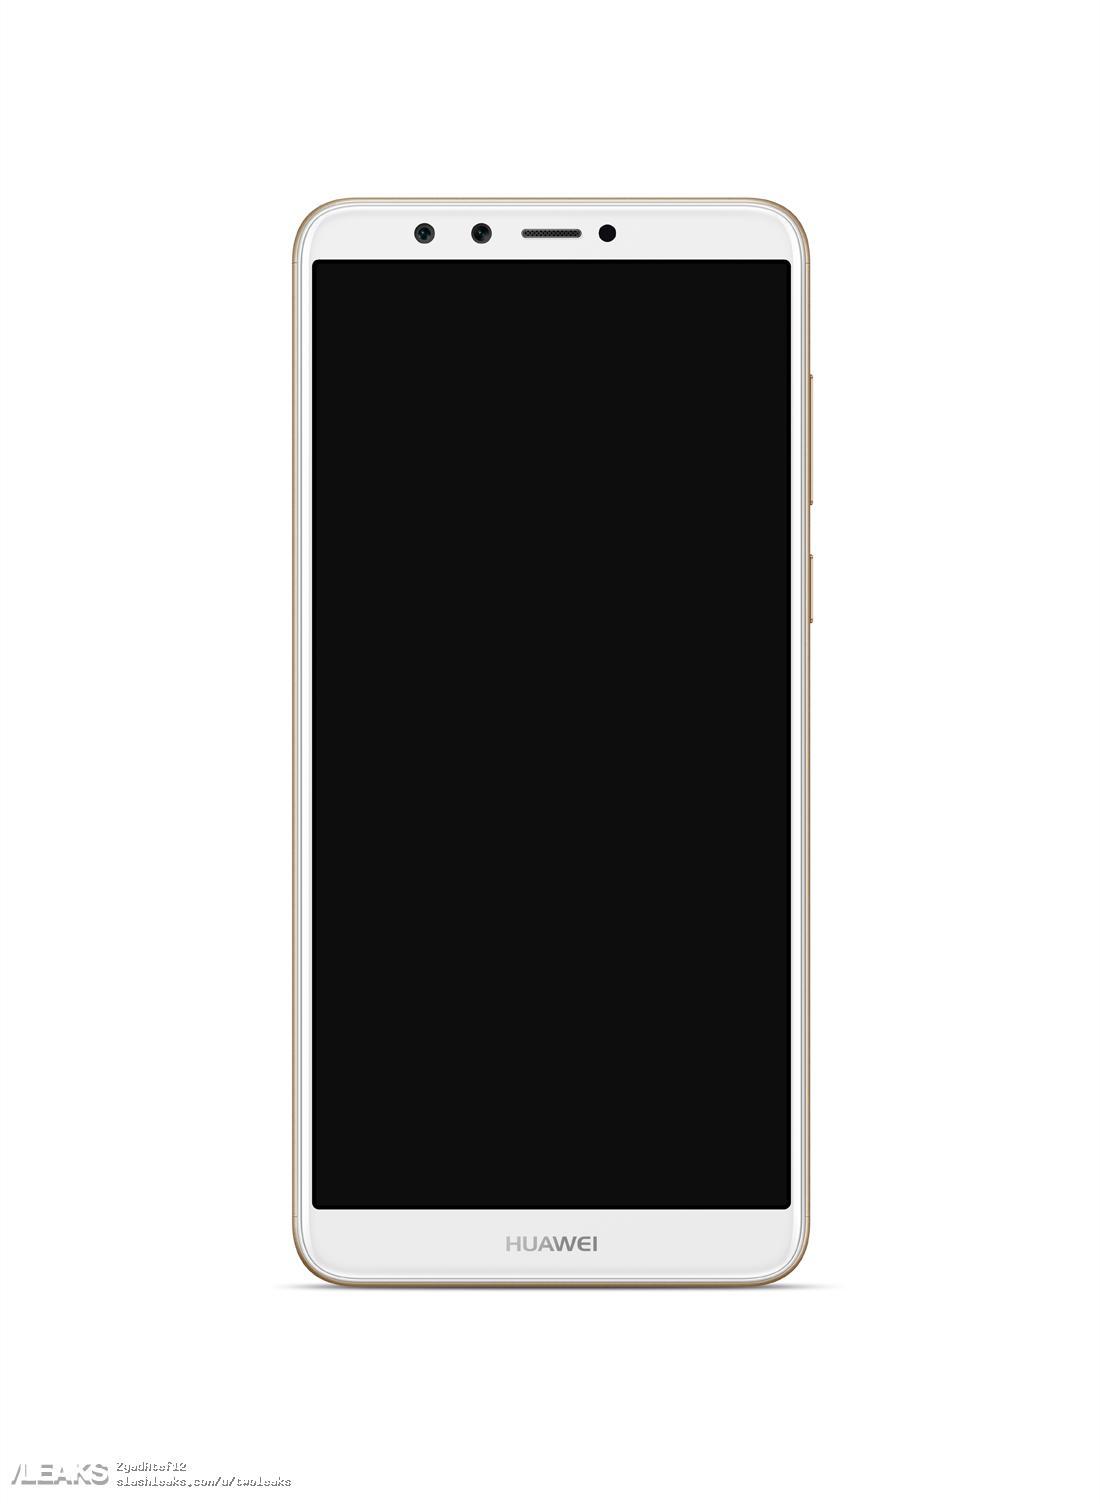 img Huawei Y9 (2018) press renders